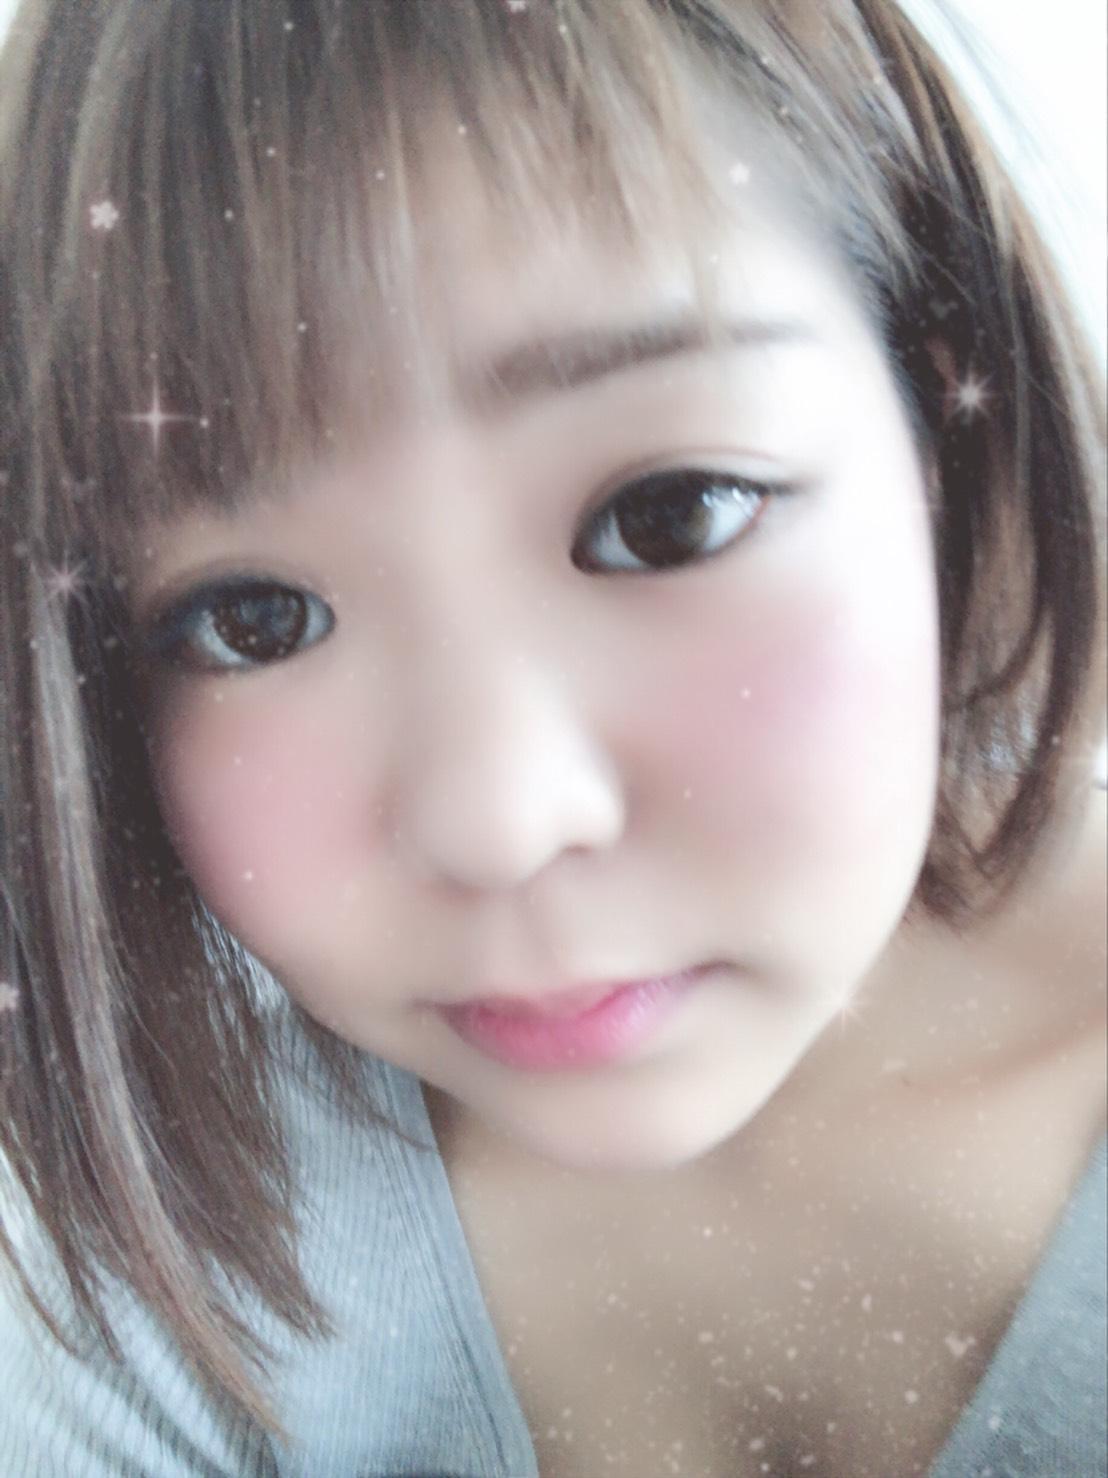 「大高向かってるよ(*´▽`*)」06/19(火) 20:45 | Ione<いおん>の写メ・風俗動画